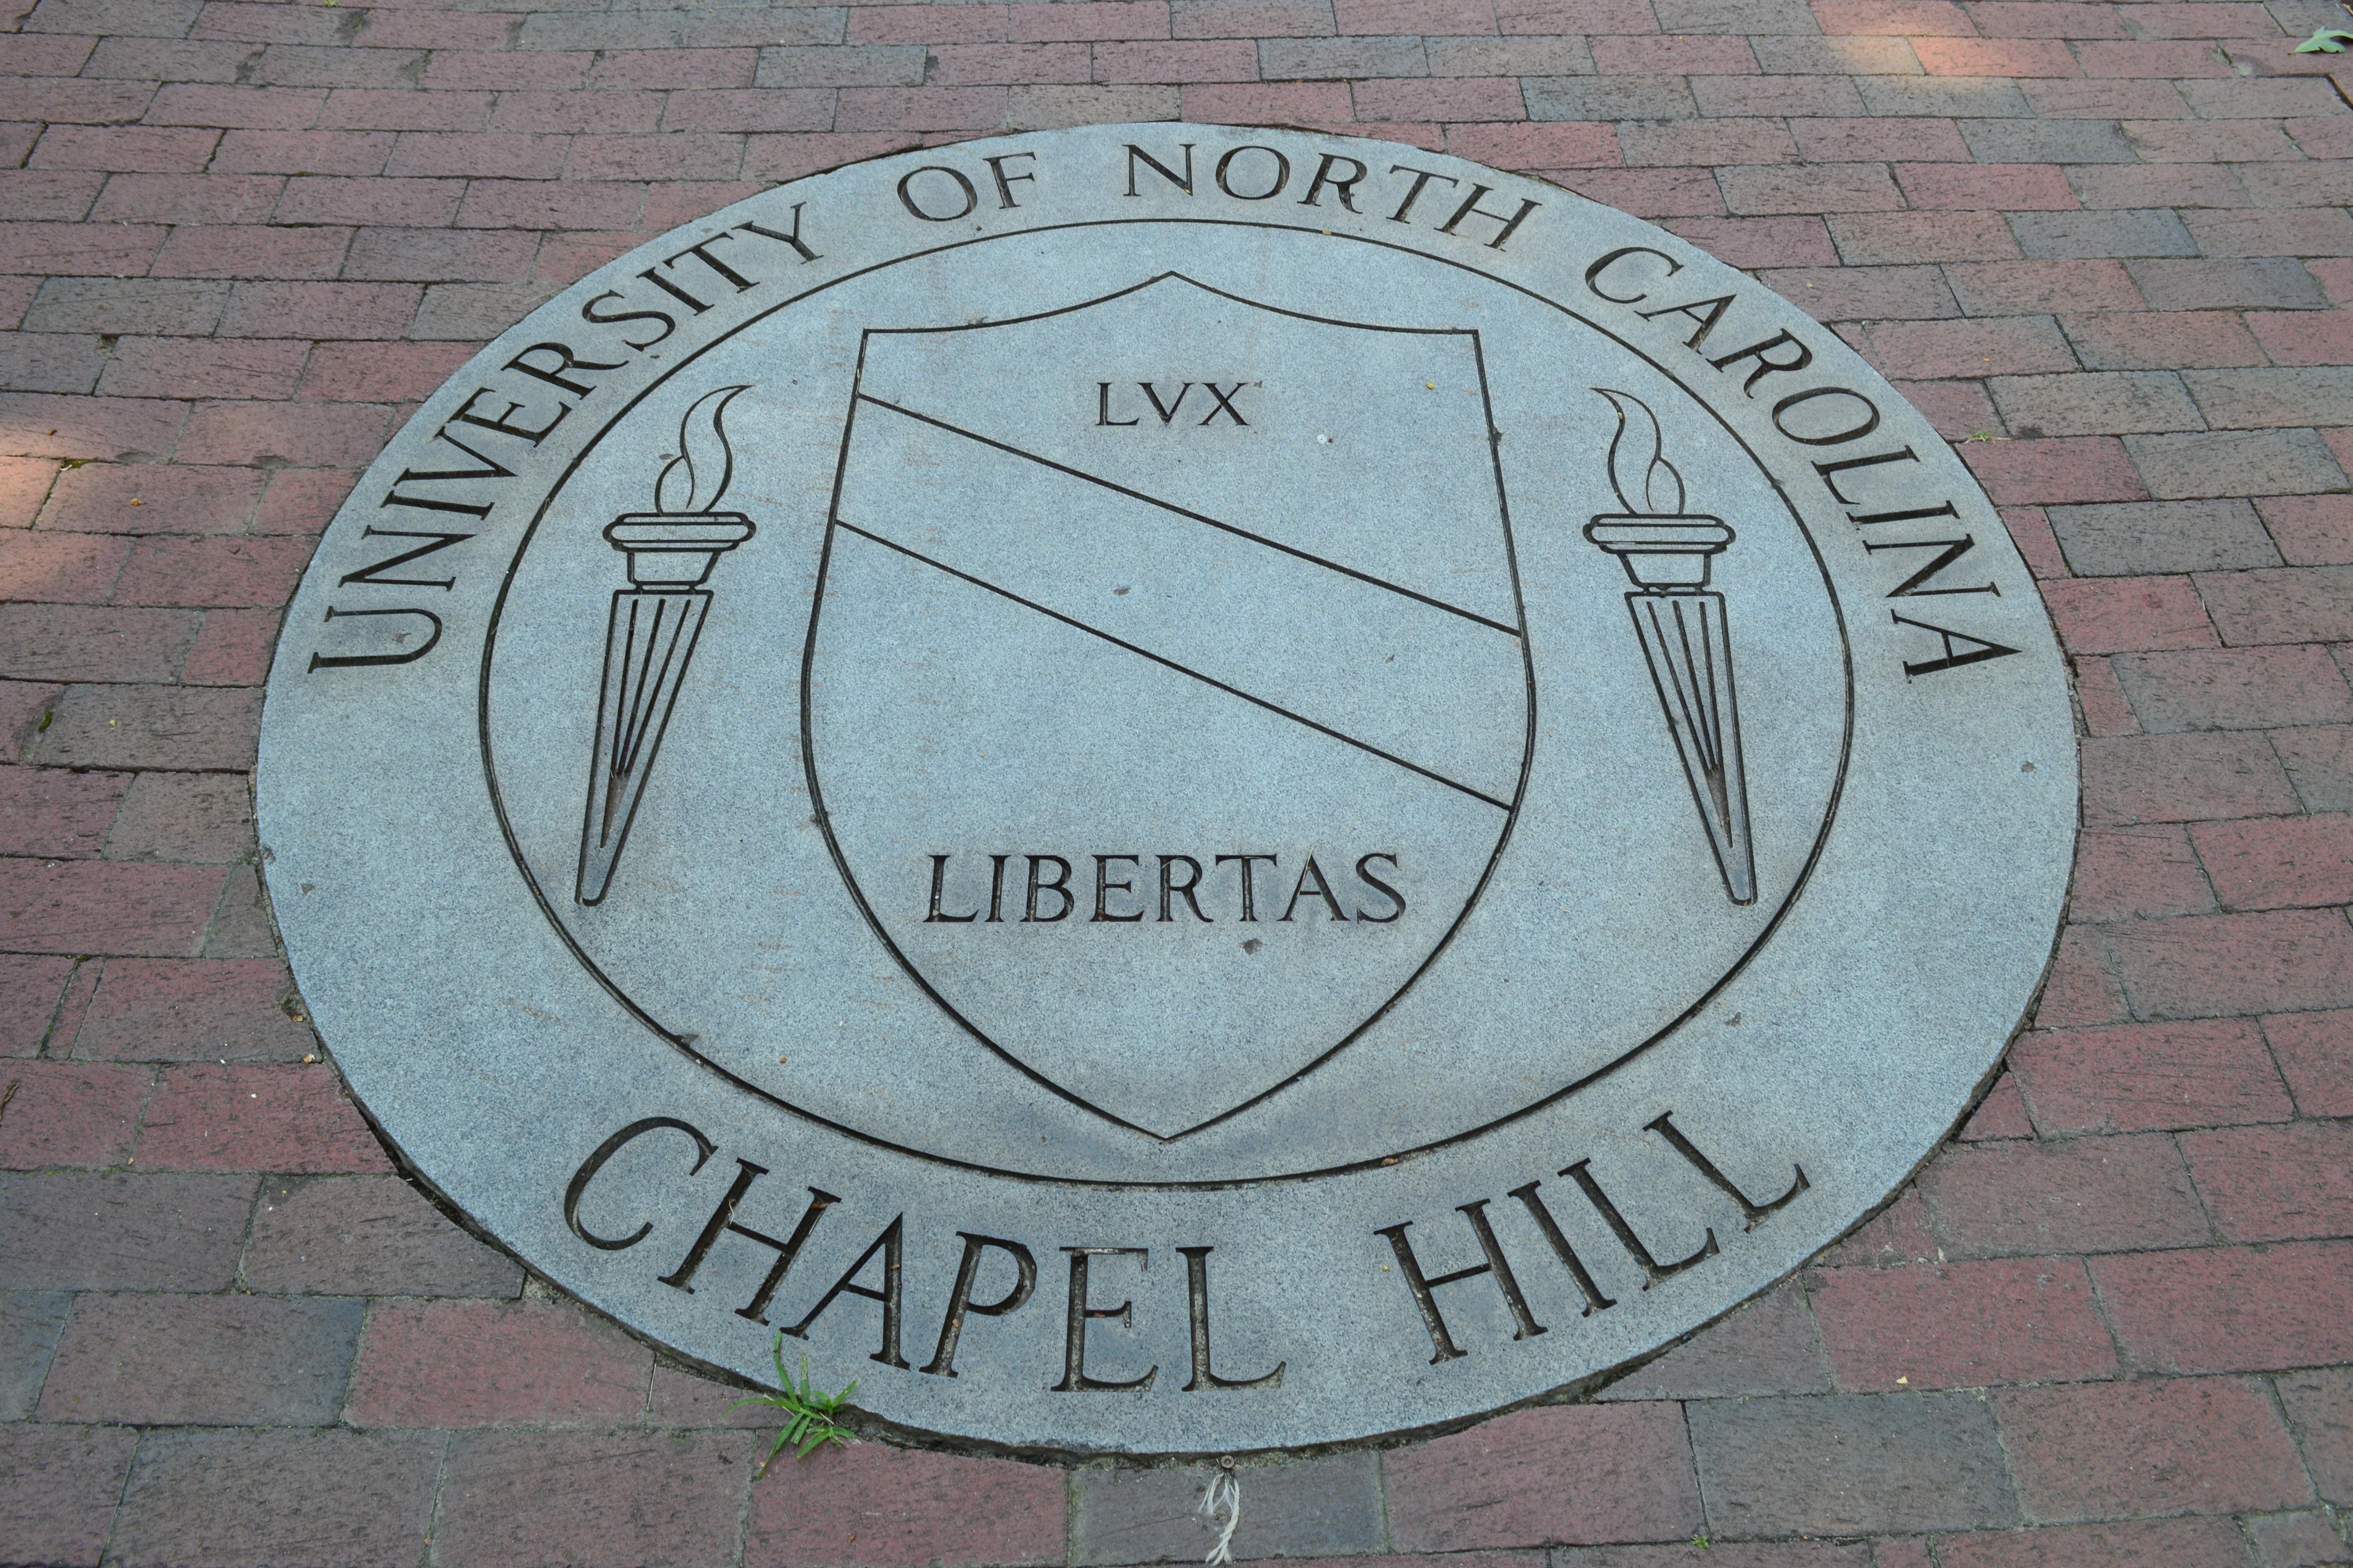 Logo of University of North Carolina at Chapel Hill